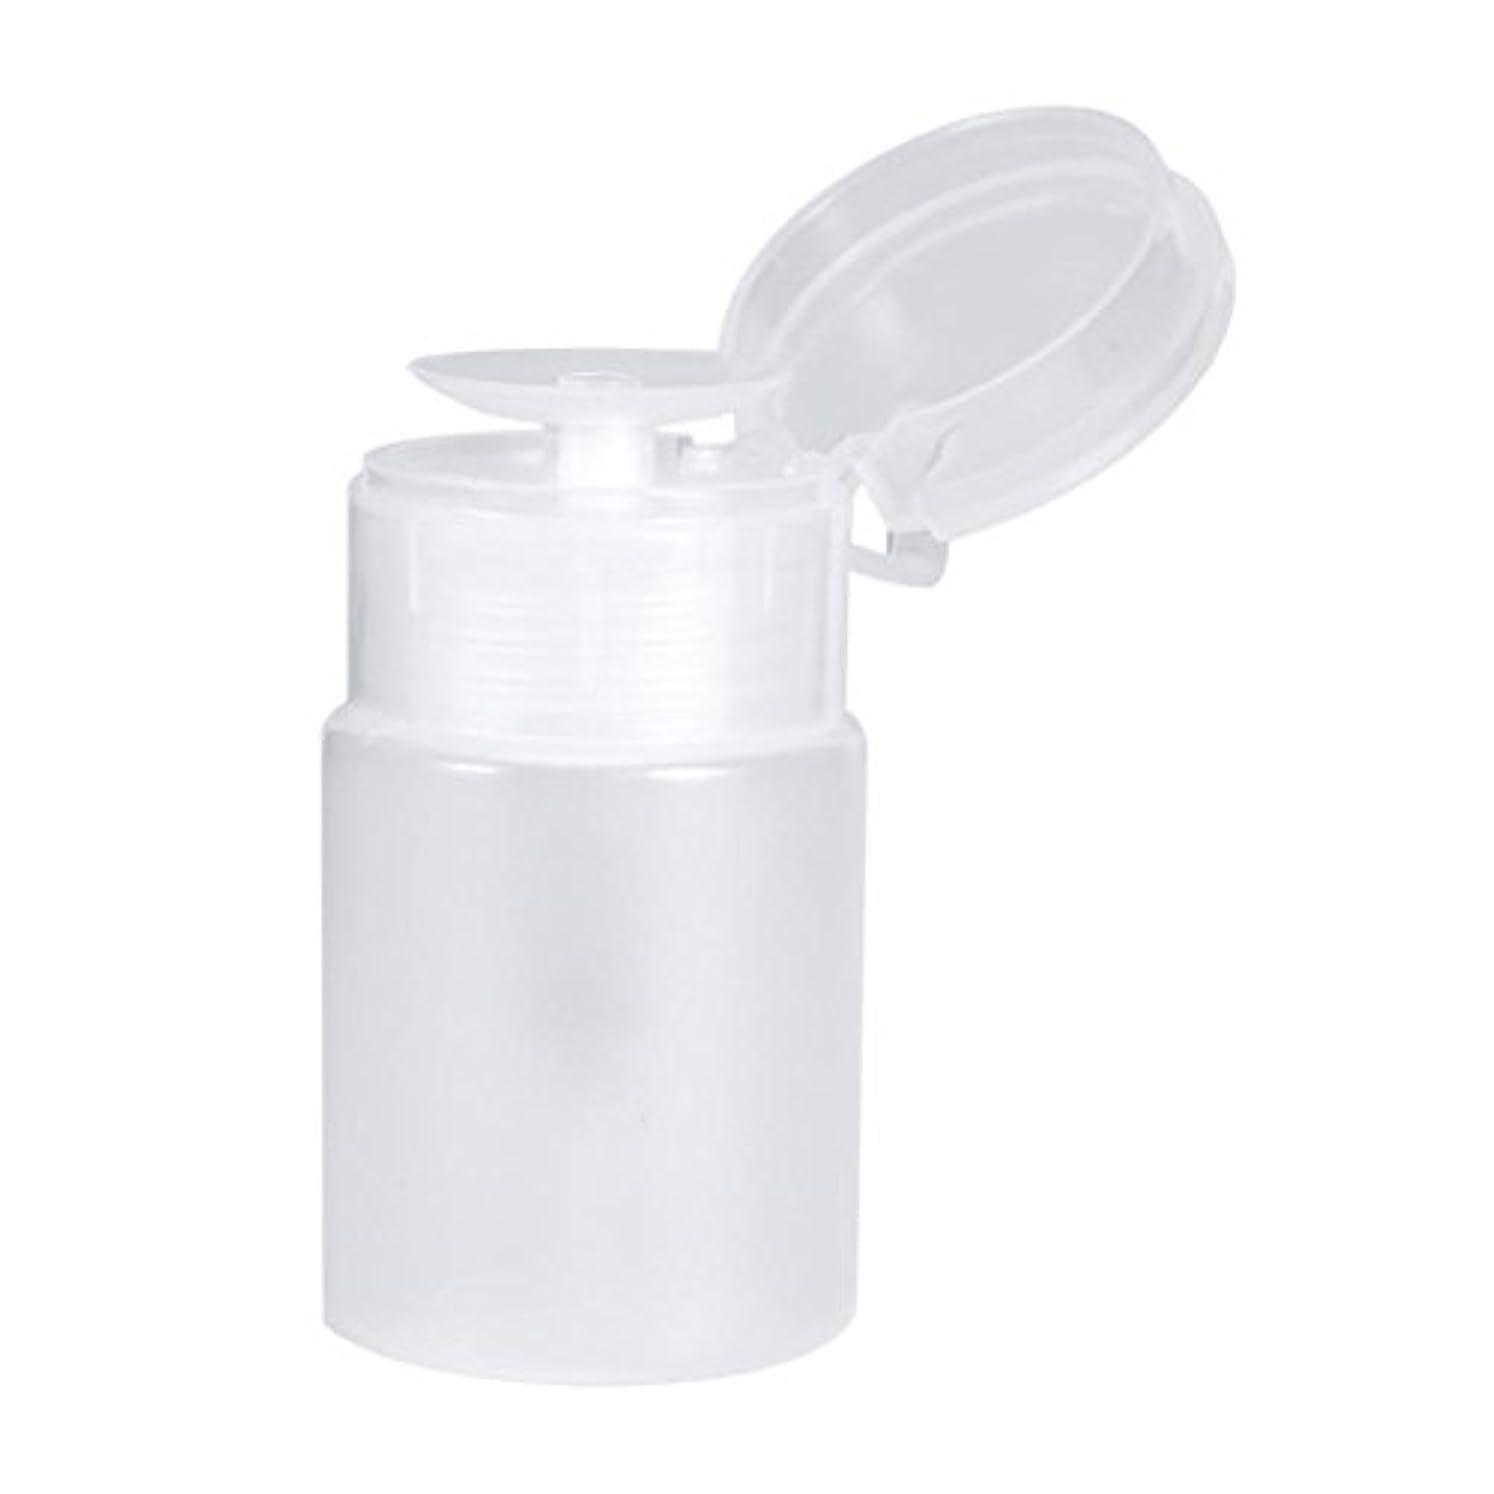 火薬ペデスタル探偵ネイルディスペンサーボトル、プッシュダウンディスペンサーネイルポリッシュリムーバーポンプ空のボトルディスペンサー液体ボトル容器60ミリリットル(白)